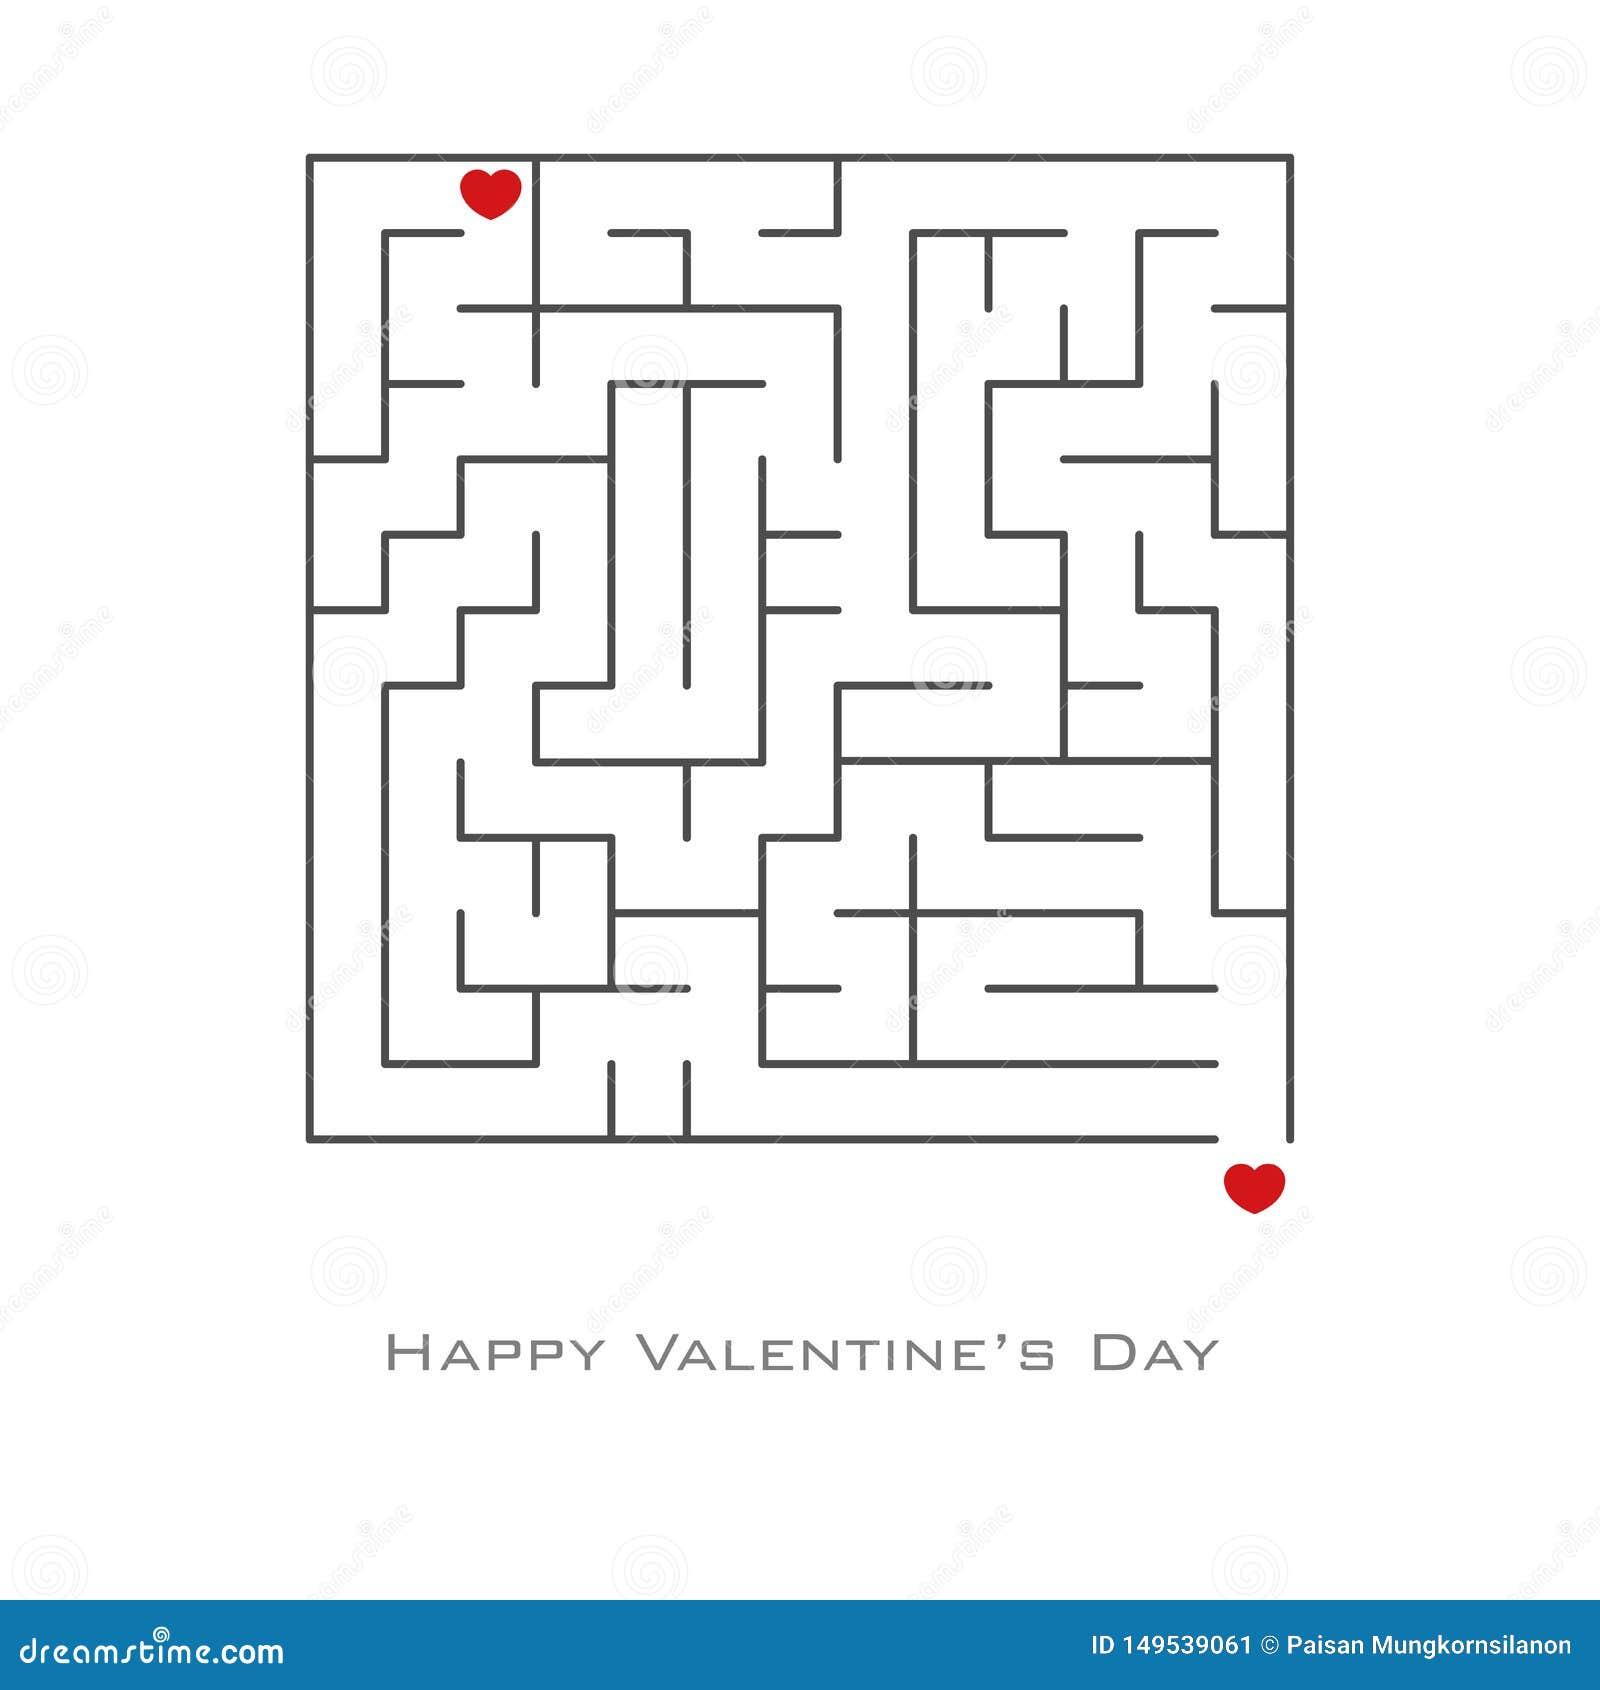 Fond de Saint-Valentin avec en forme de coeur dans le style de labyrinthe et de labyrinthe, insecte, invitation, affiches, brochu